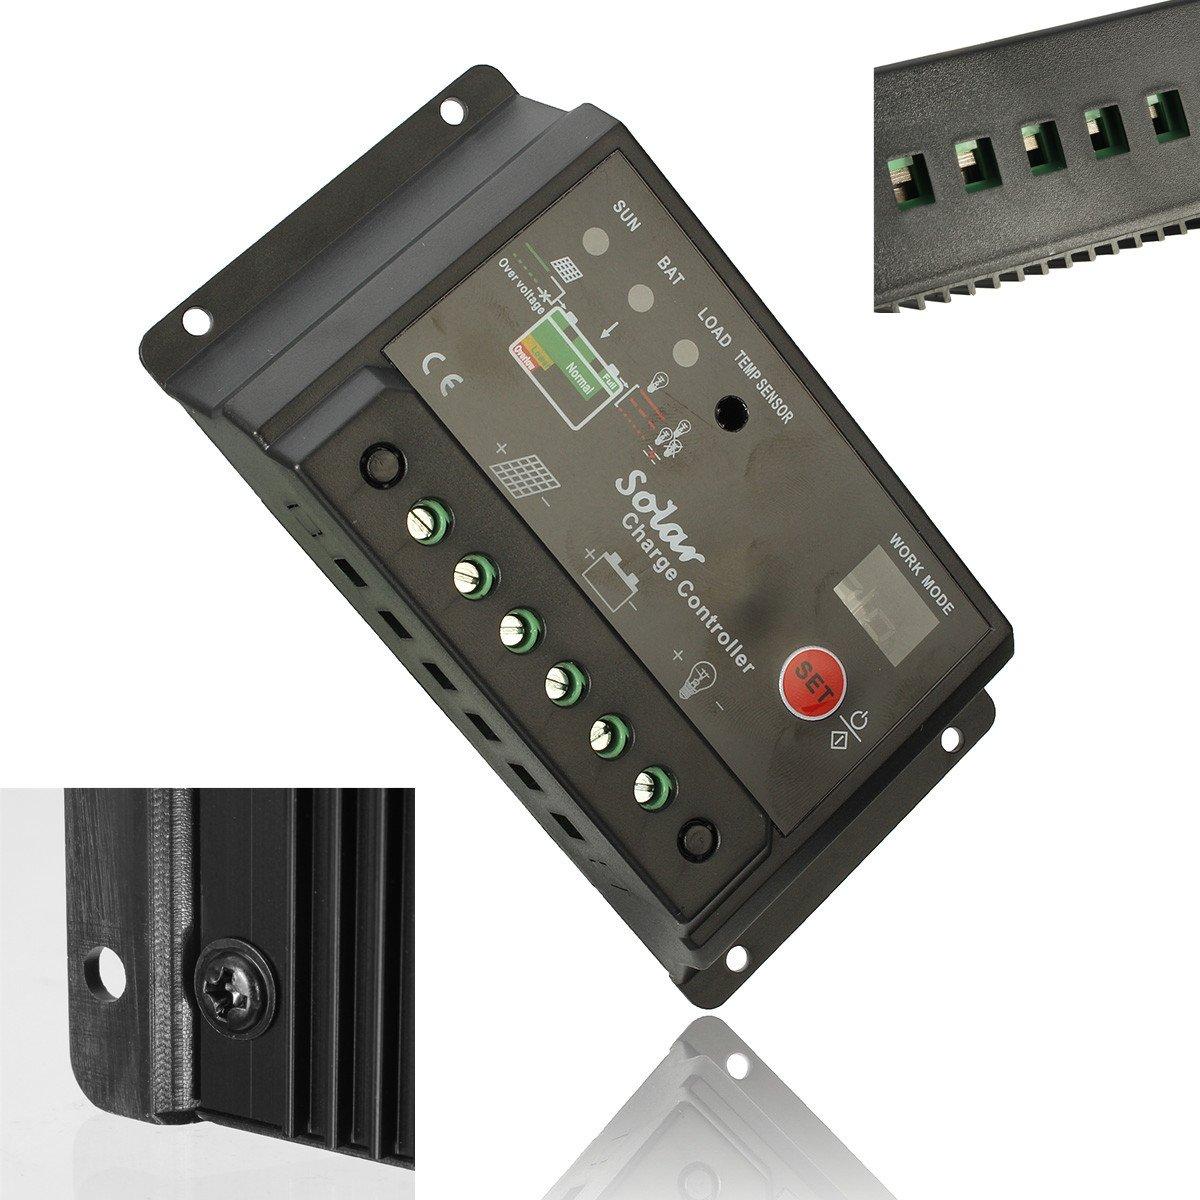 Mohoo 30A Charge Controller Solar Charge Regulator Intelligent USB Port Display 12V-24V